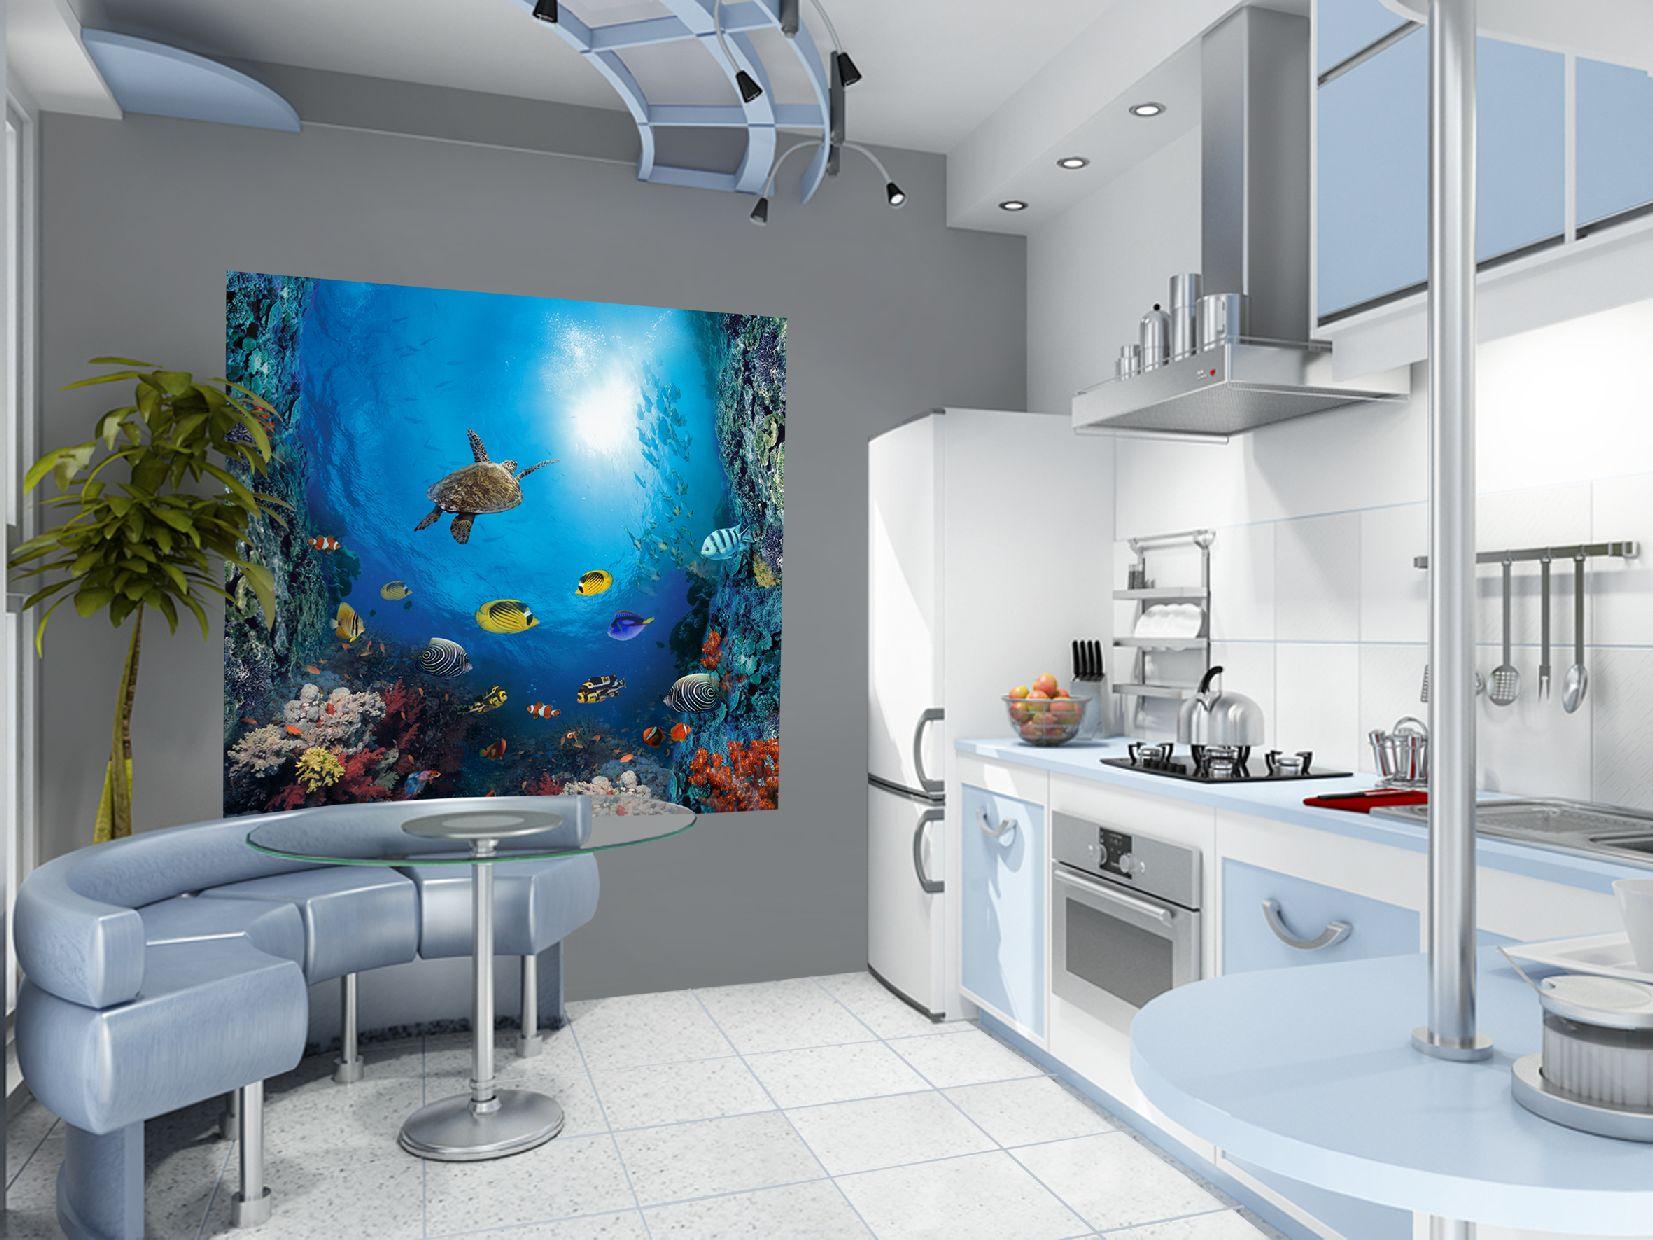 равной степени примеры фотообои на стену для кухни полномочный г-н